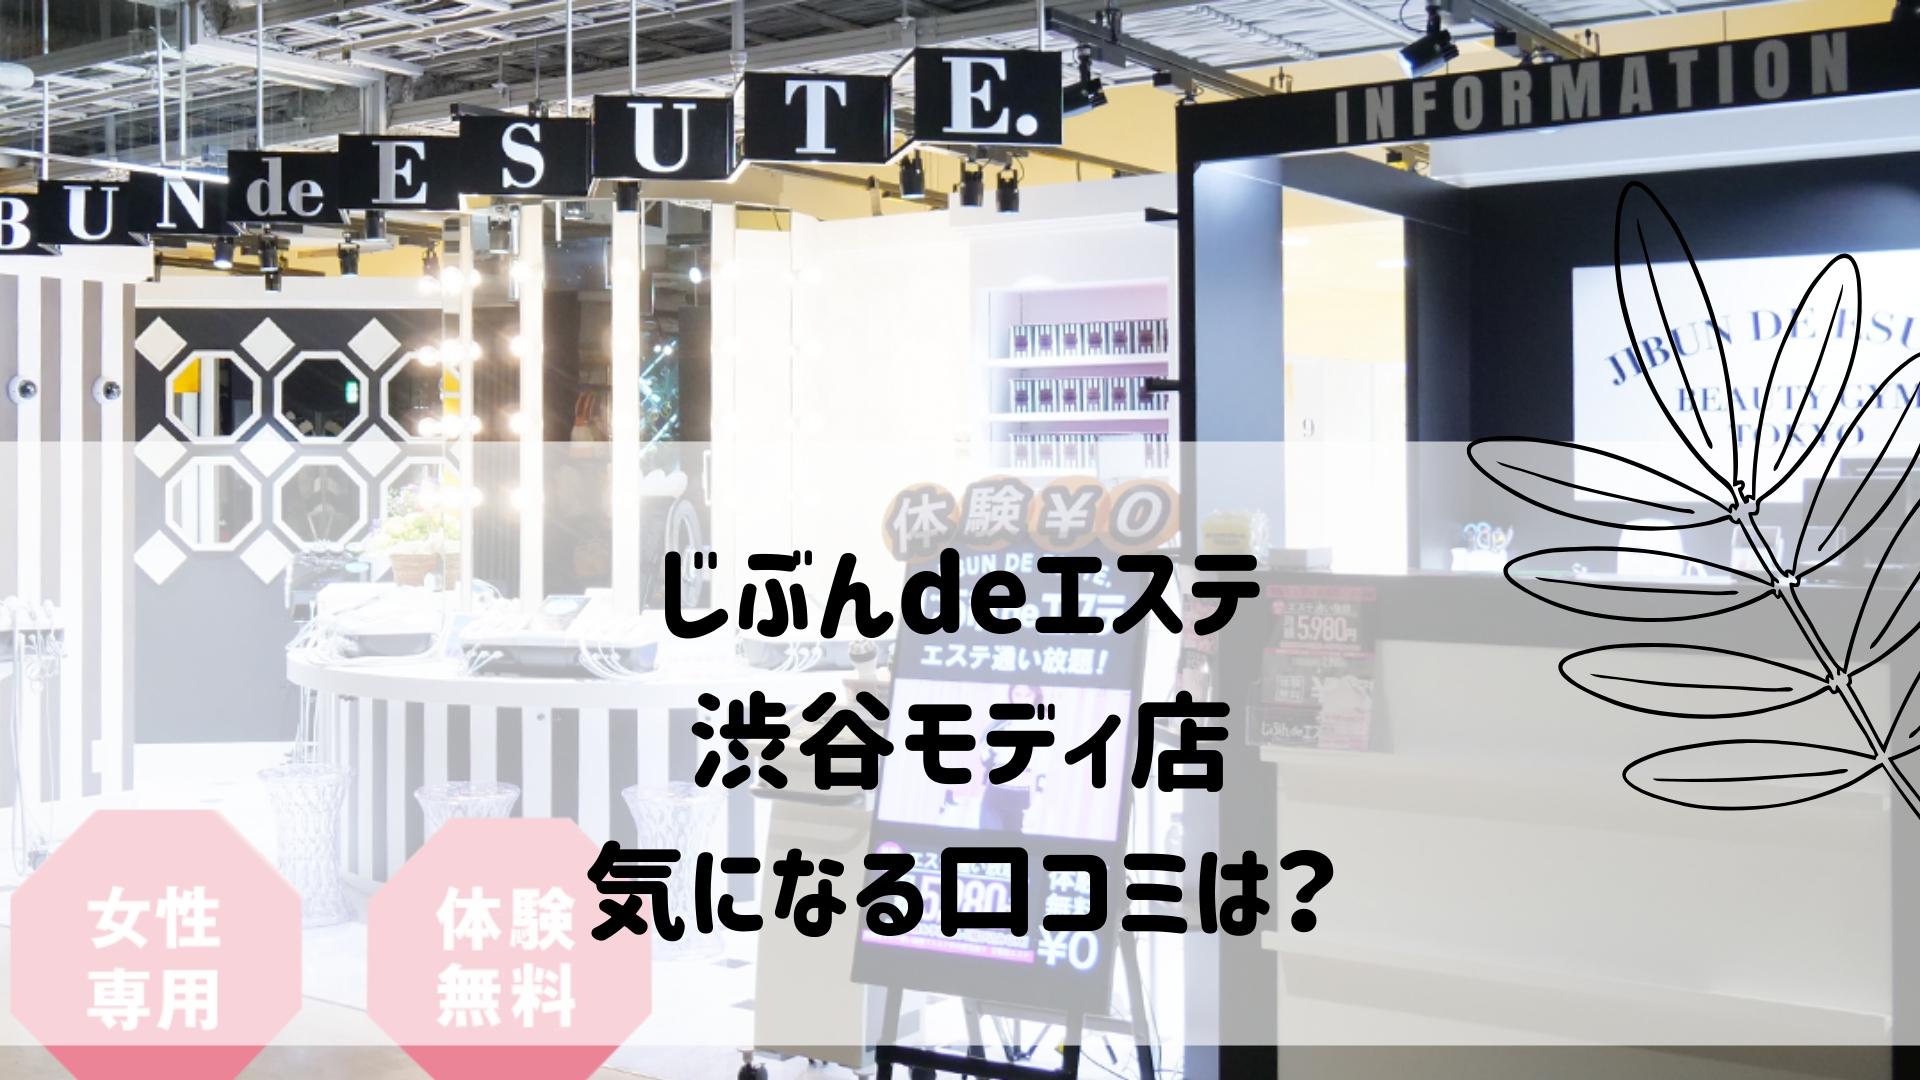 じぶんdeエステ 渋谷モディ店 気になる口コミは?